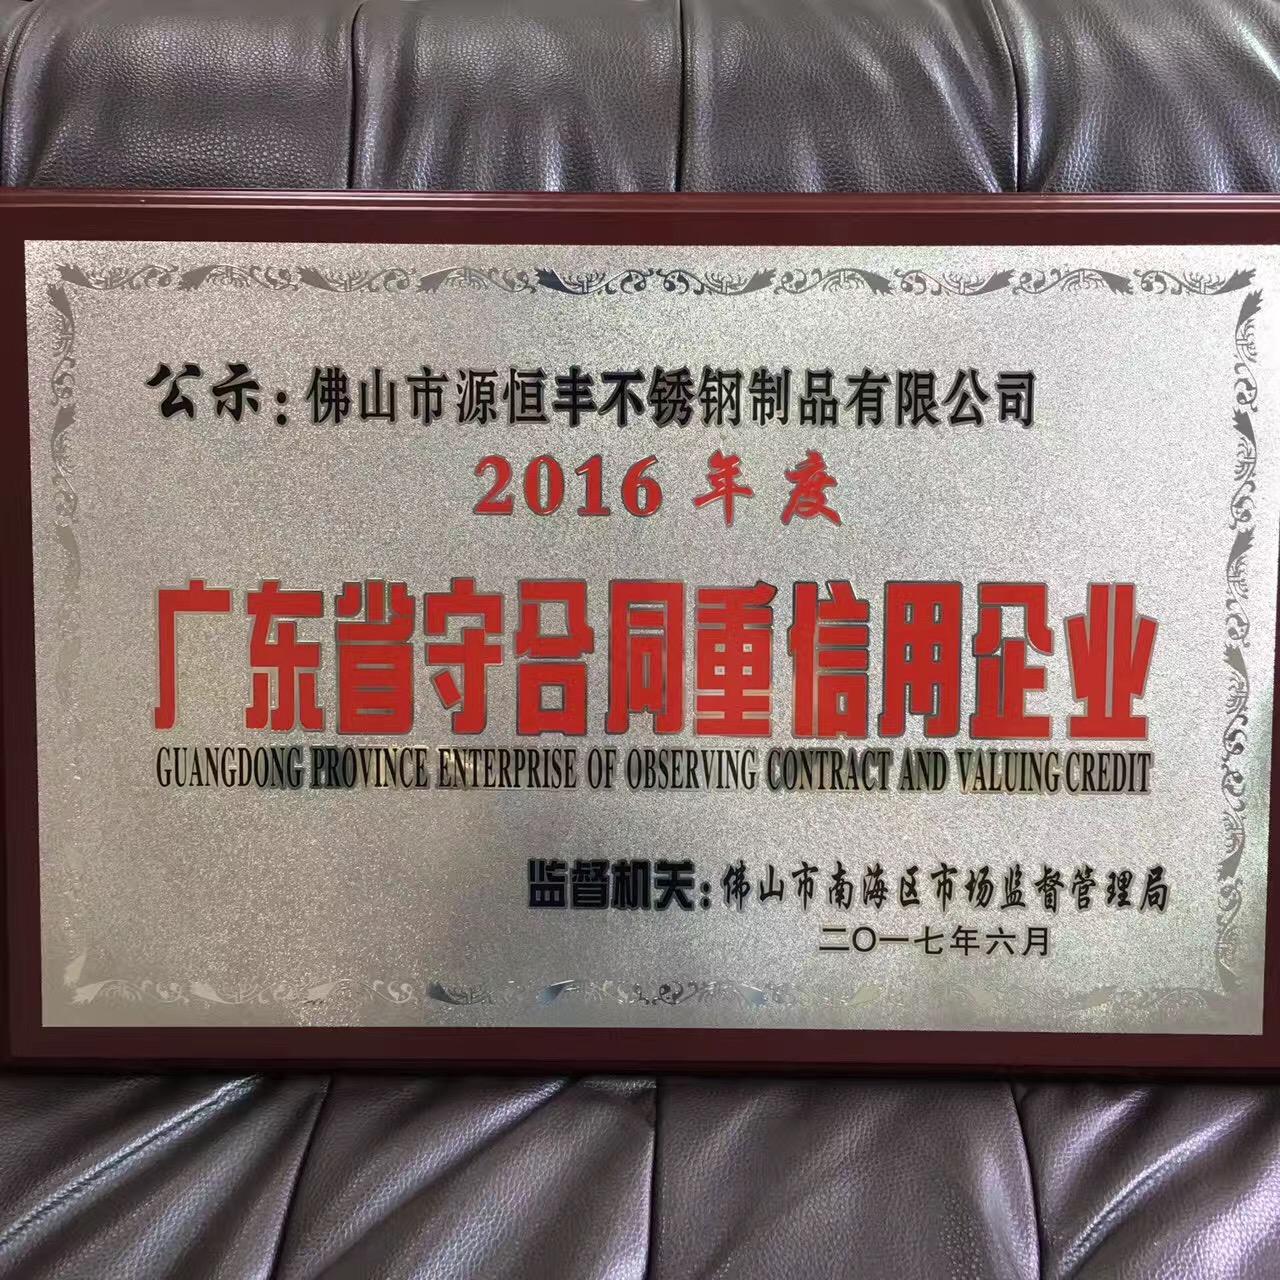 2016年度广东省守合同重信用企业